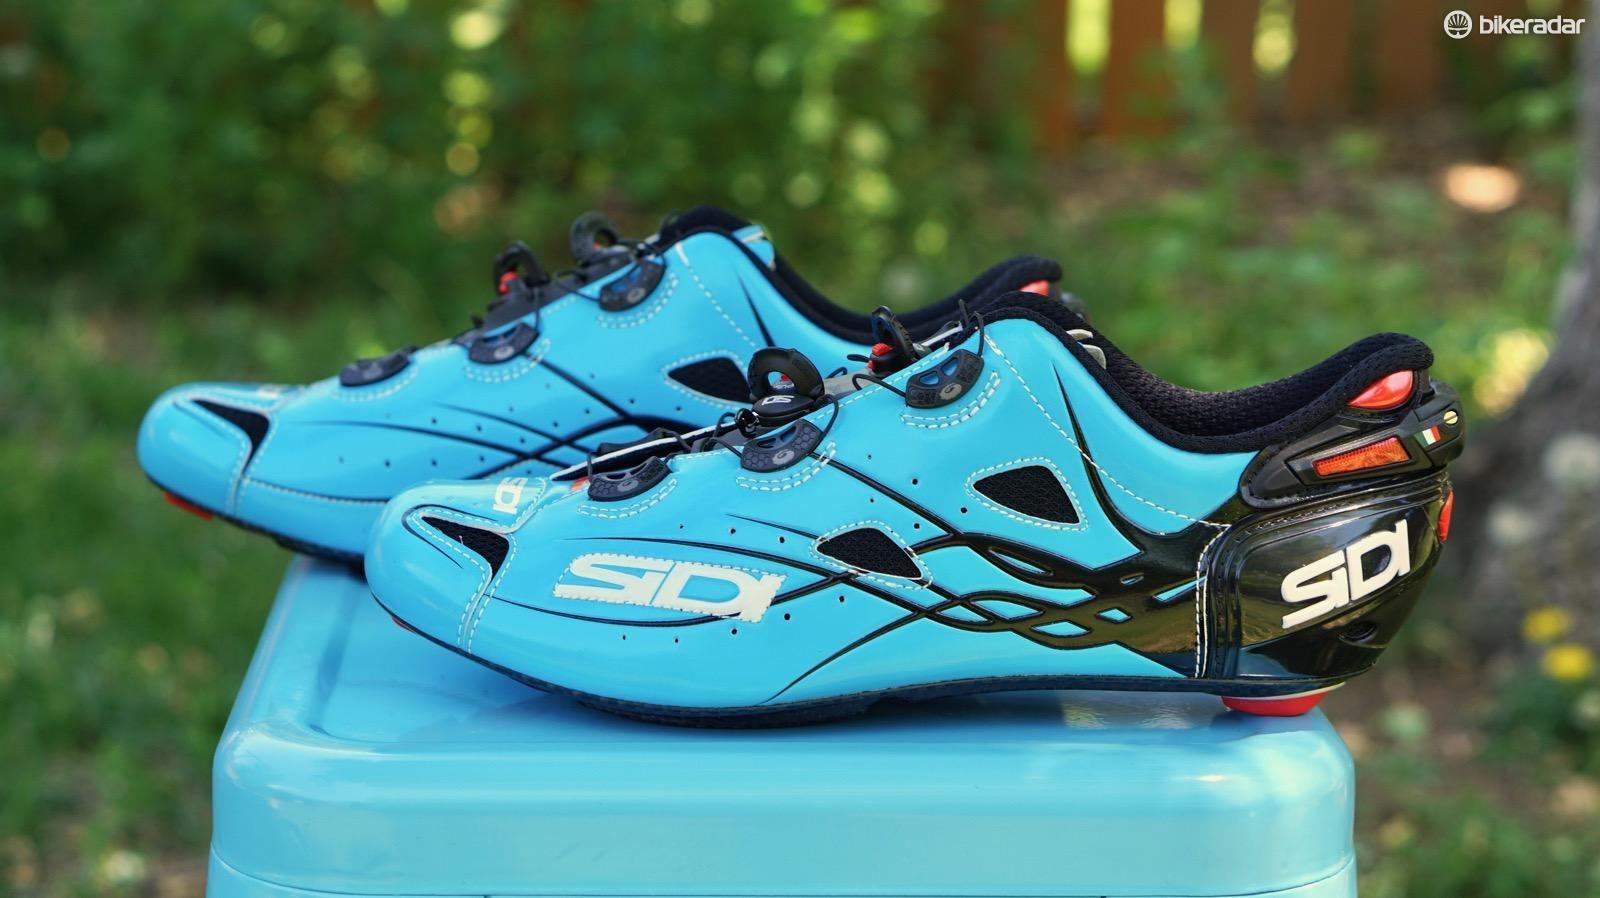 Sidi Shot cycling shoe review - Road